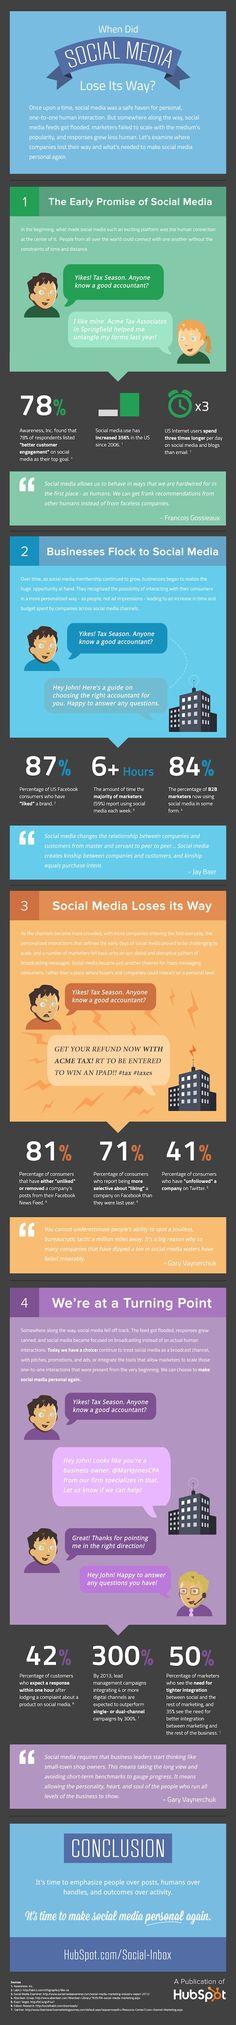 When did Social Media Lose its Way?